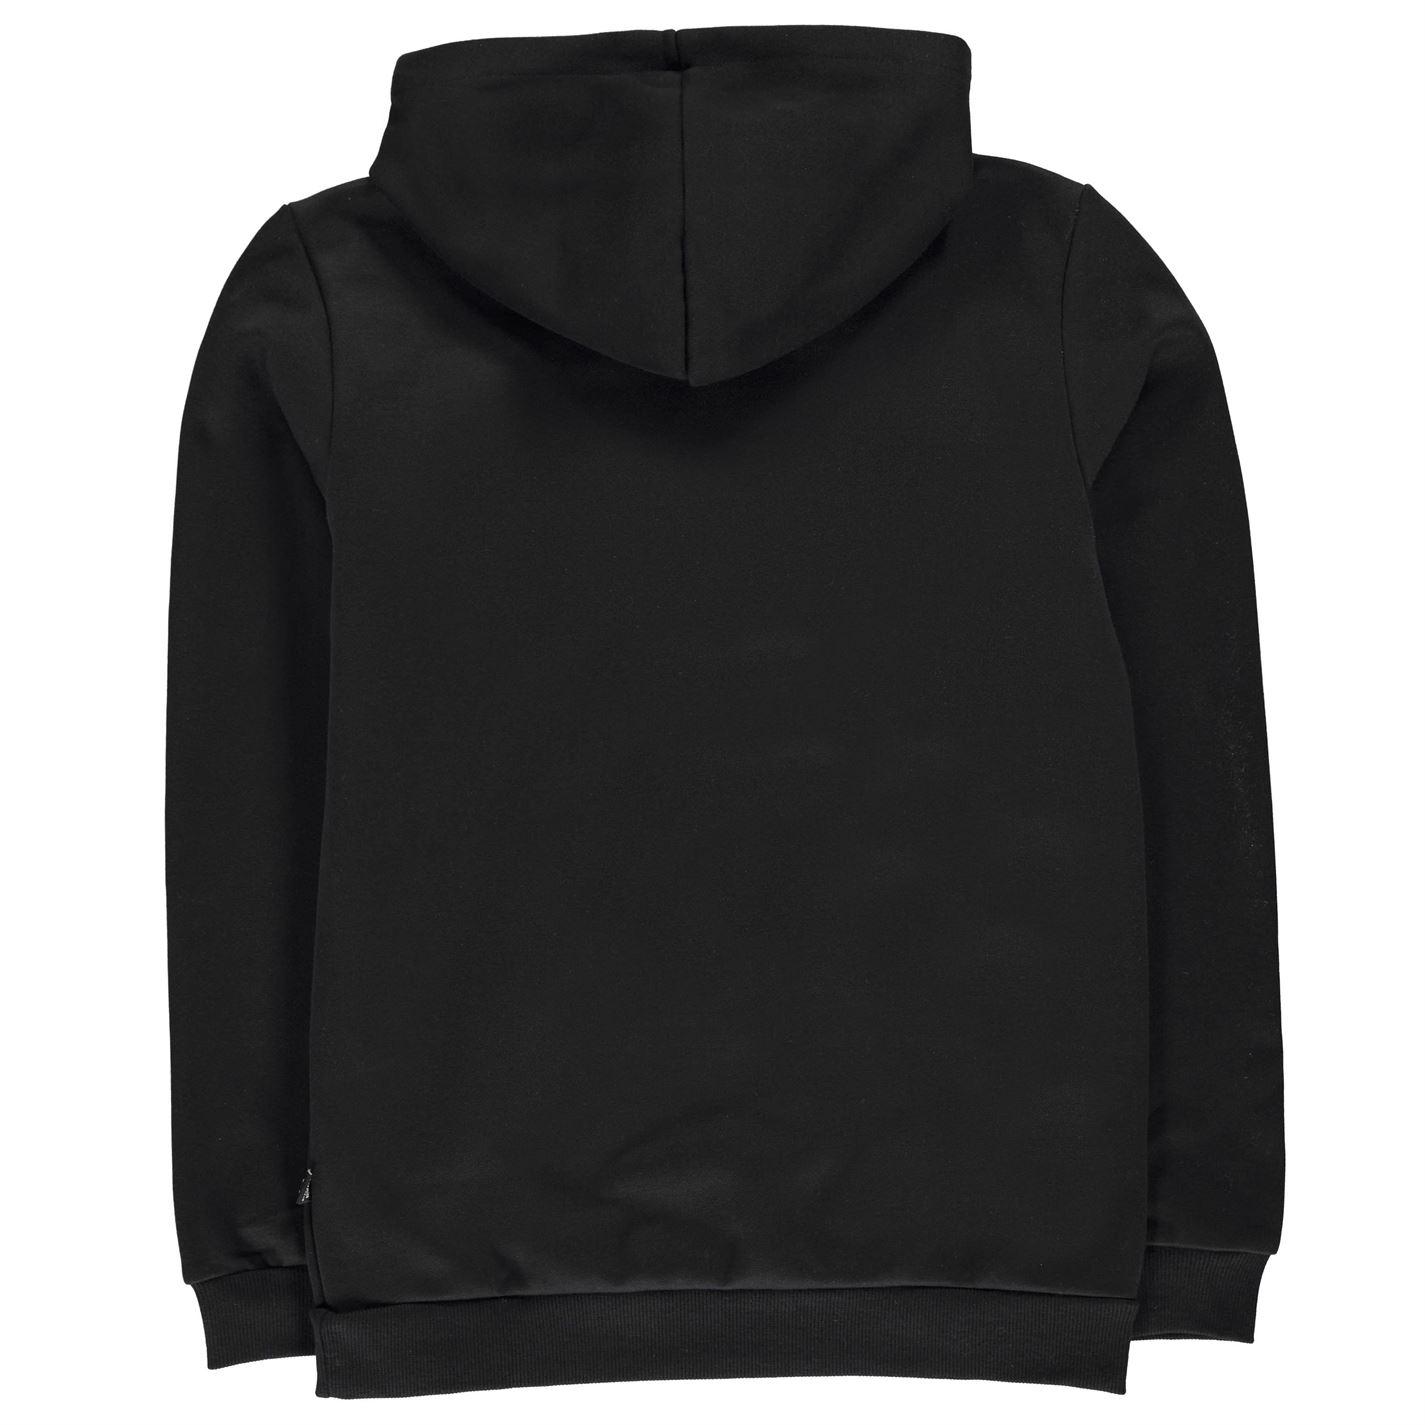 ae61023de083 Puma Kids Boys No1 OTH Hoody Junior Hoodie Hooded Top Long Sleeve ...